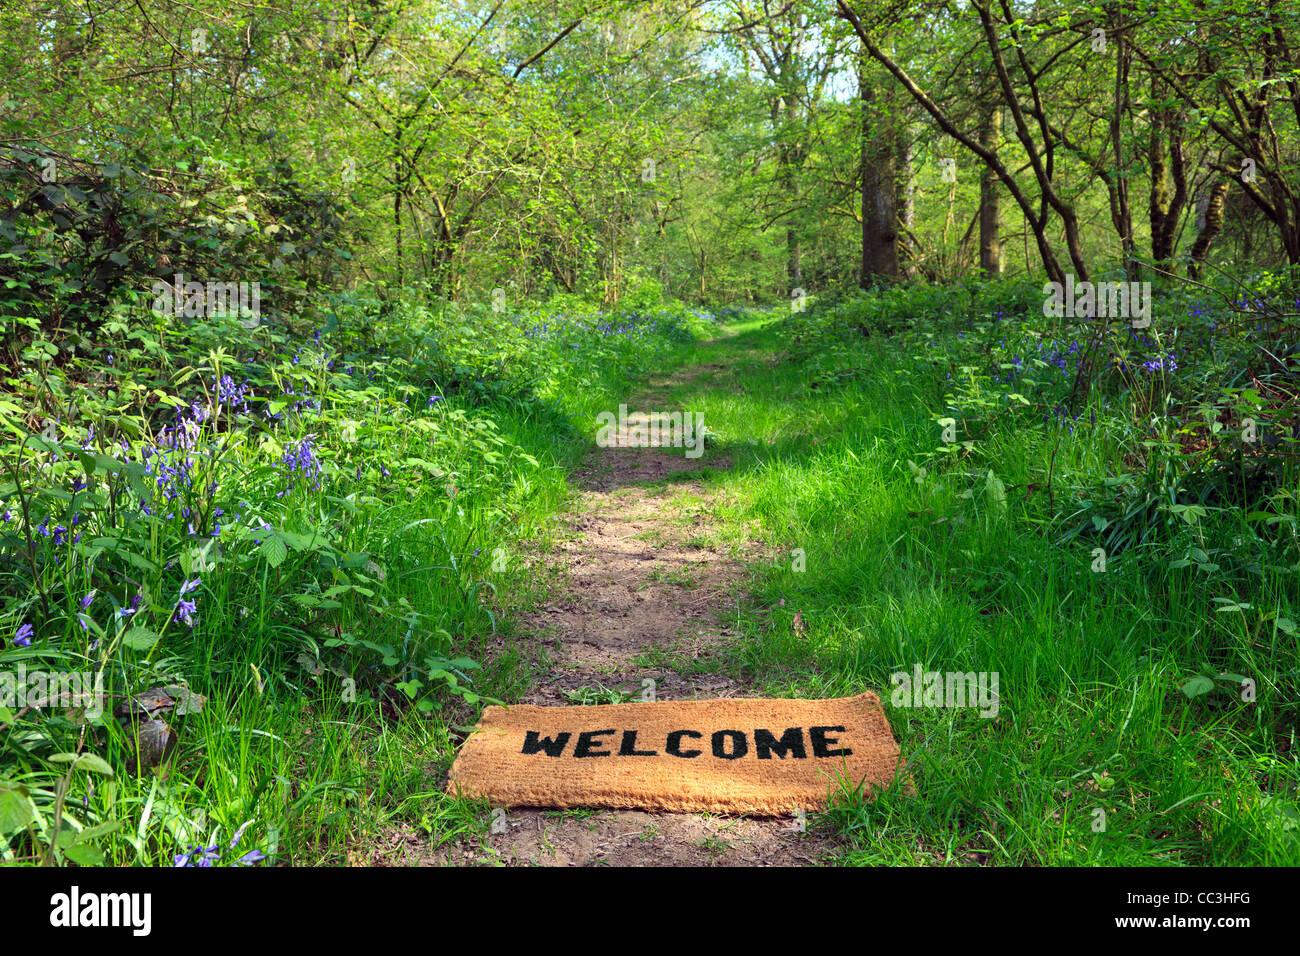 Concept photo d'un paillasson Bienvenue sur un sentier boisé au printemps en format horizontal. Banque D'Images